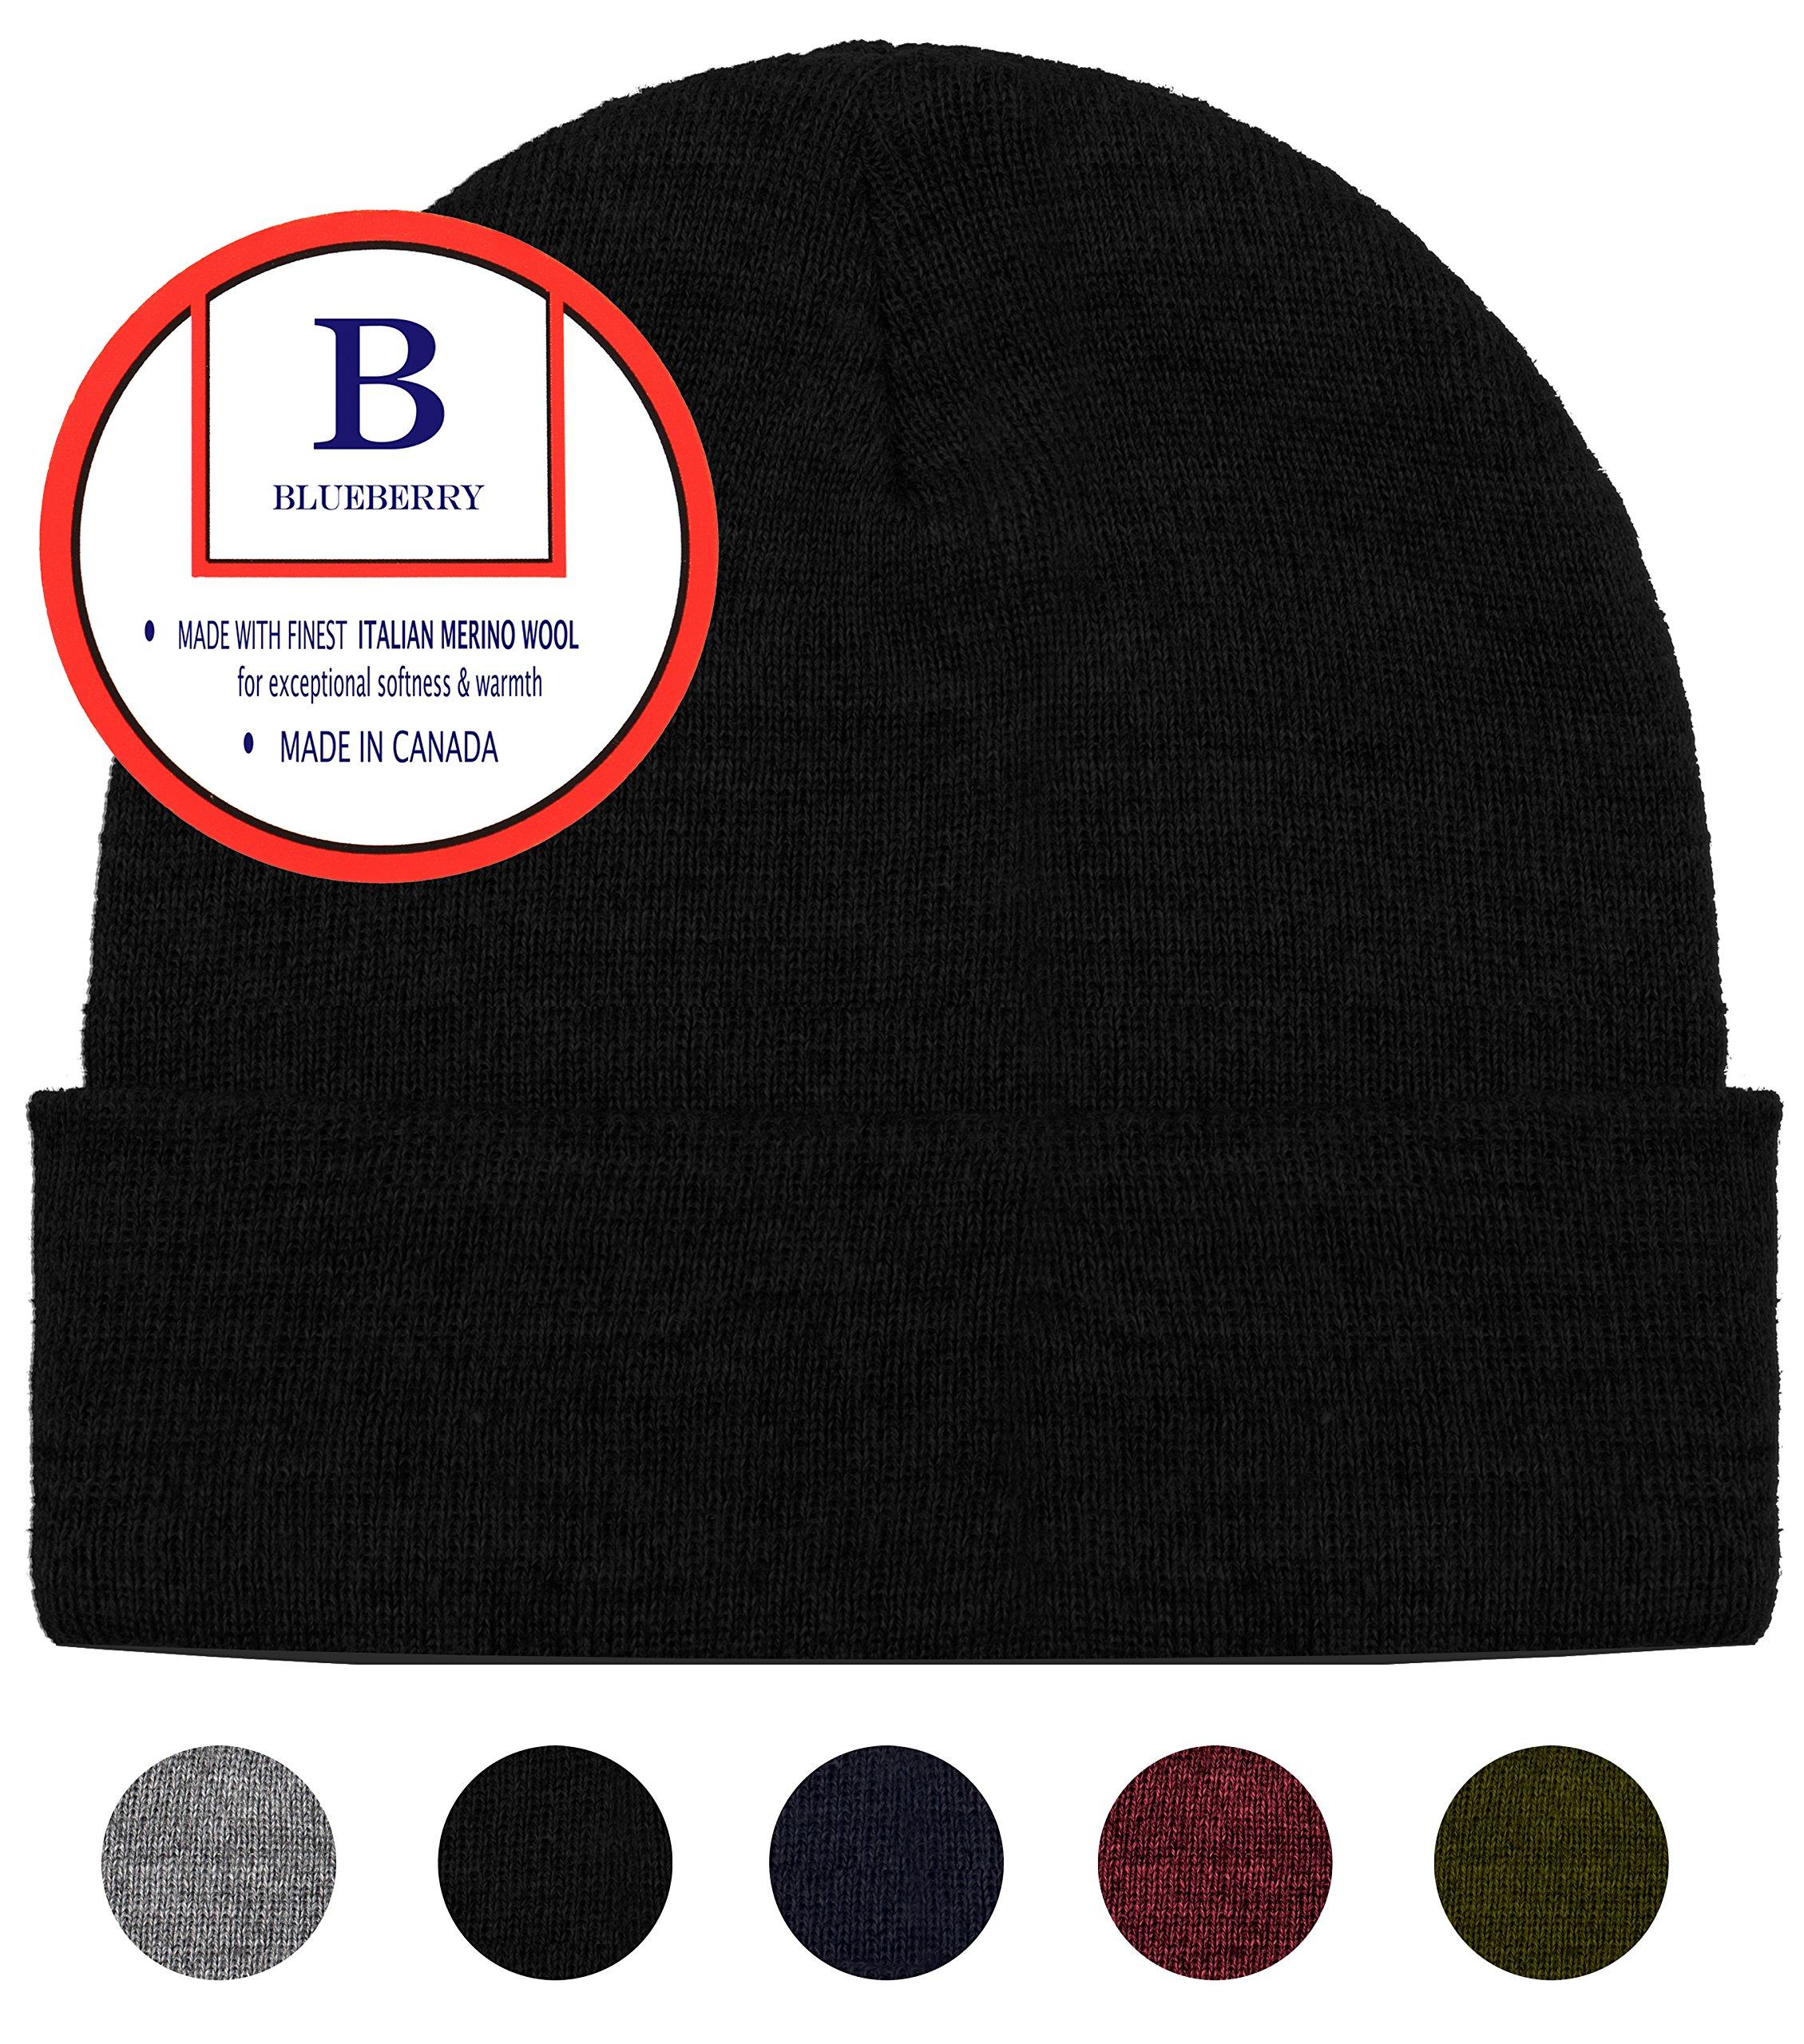 Blueberry Uniforms Black Merino Wool Beanie Hat -Soft Winter Activewear Watch Cap